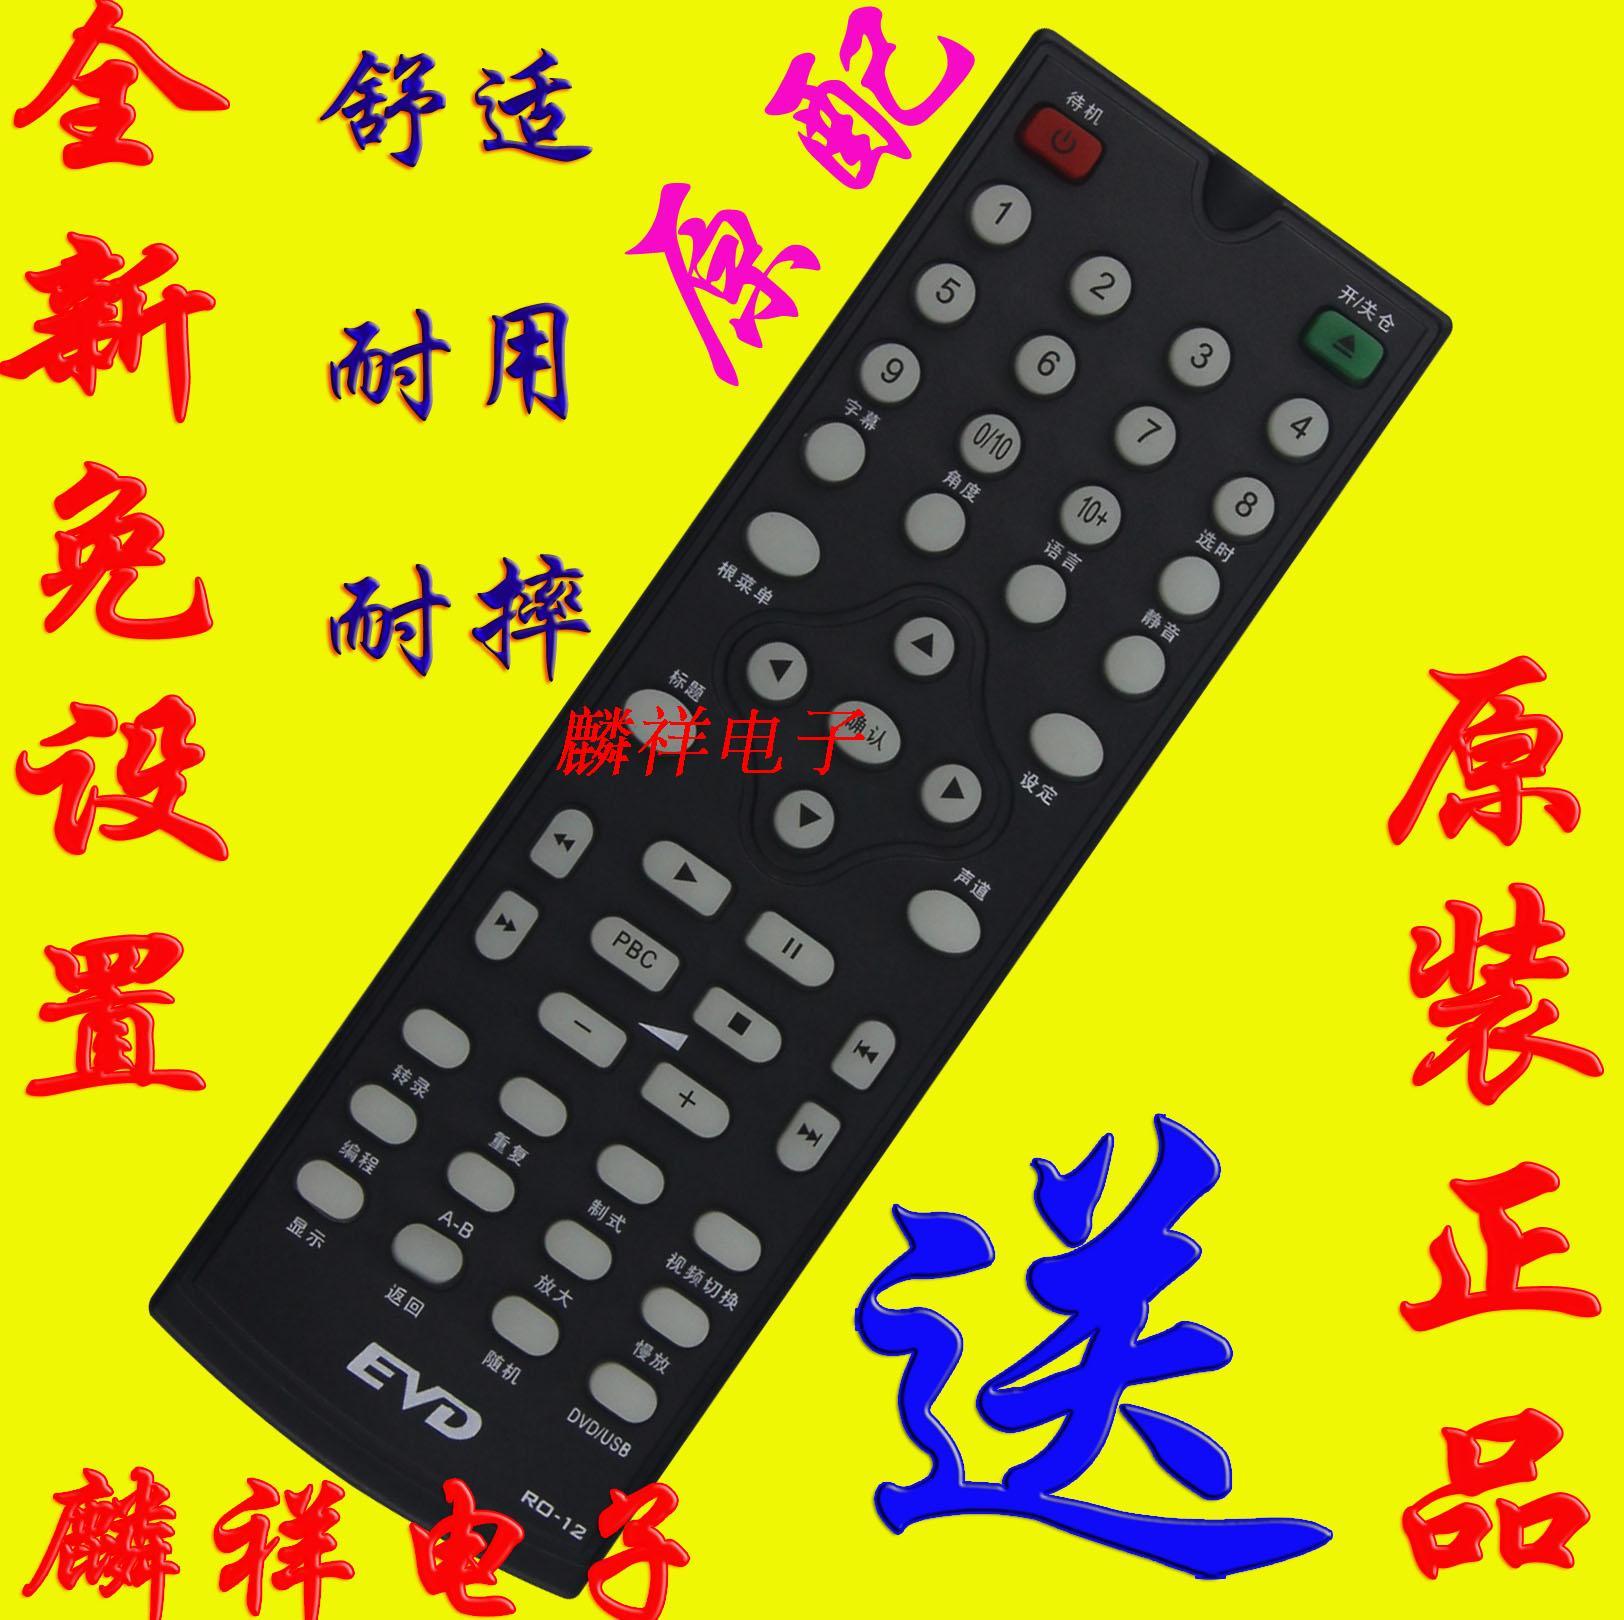 原装 原厂先科788 dvd evd影碟机遥控器批发 RO-12 先科遥控器